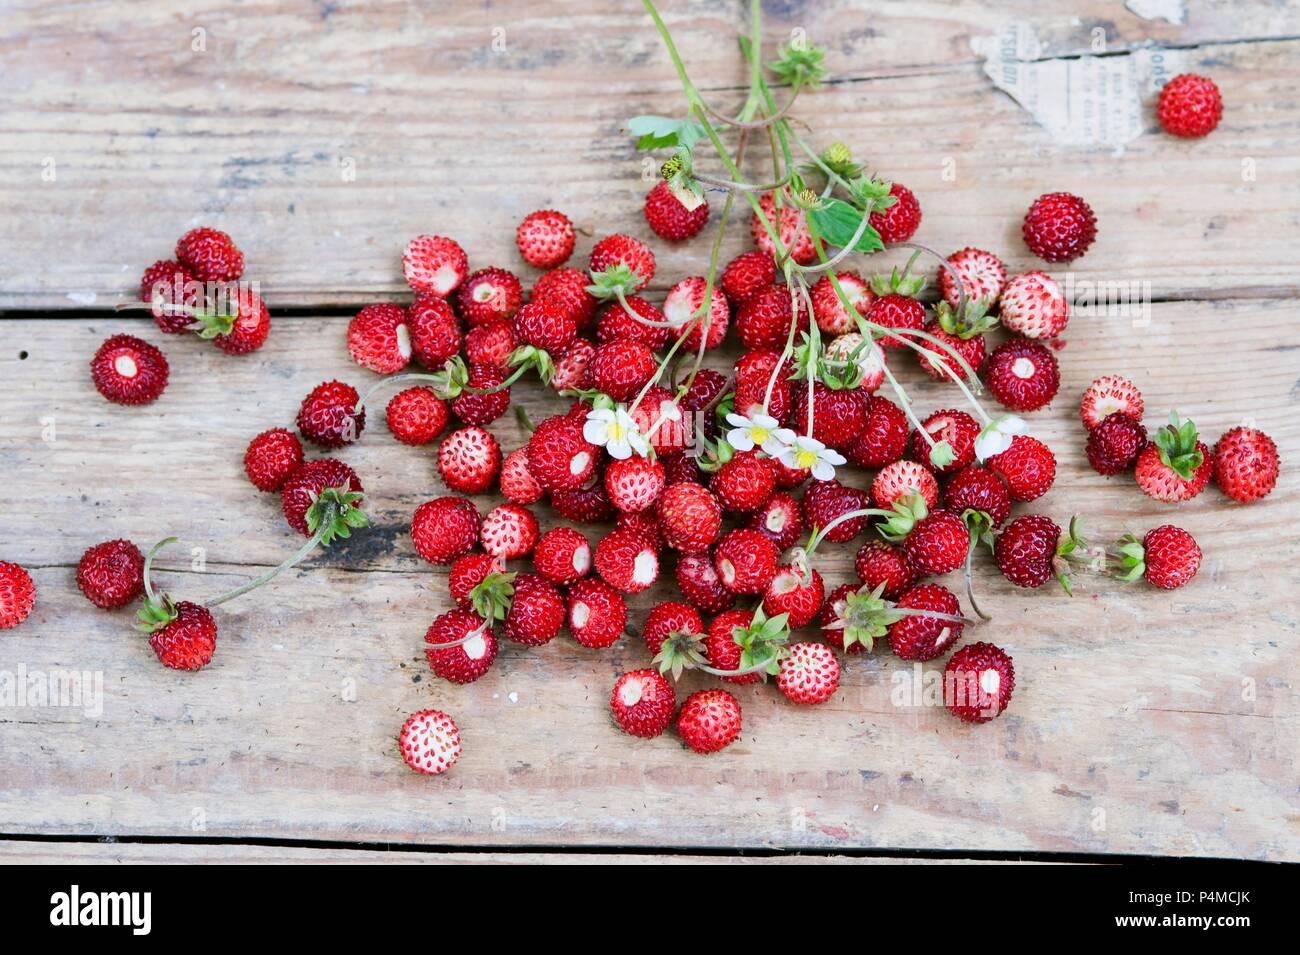 Les fraises sauvages, de feuilles et de fleurs sur une surface en bois Photo Stock